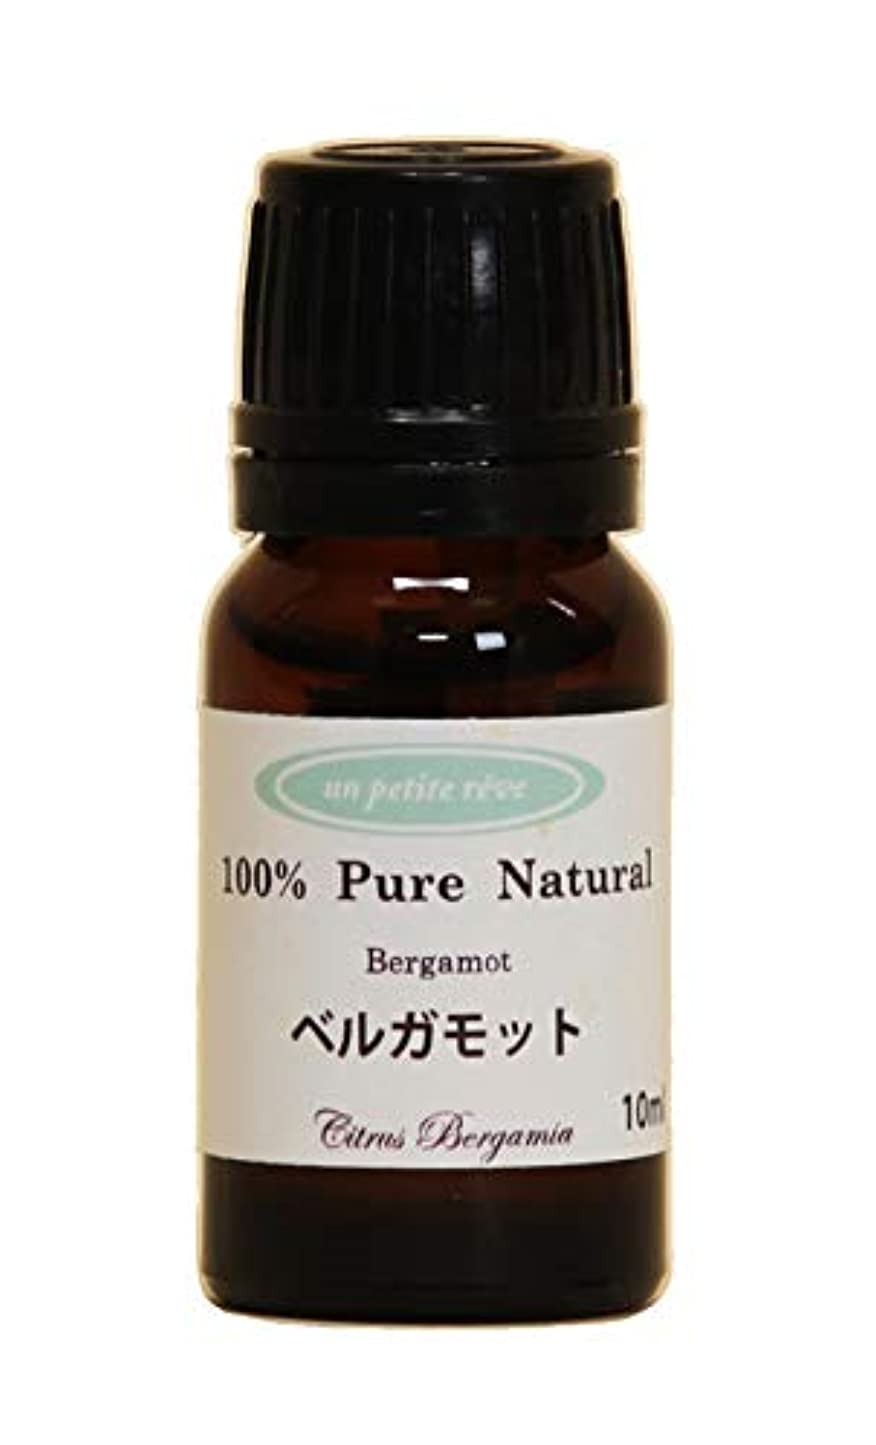 極めて重要な好きであるボーダーベルガモット 10ml 100%天然アロマエッセンシャルオイル(精油)